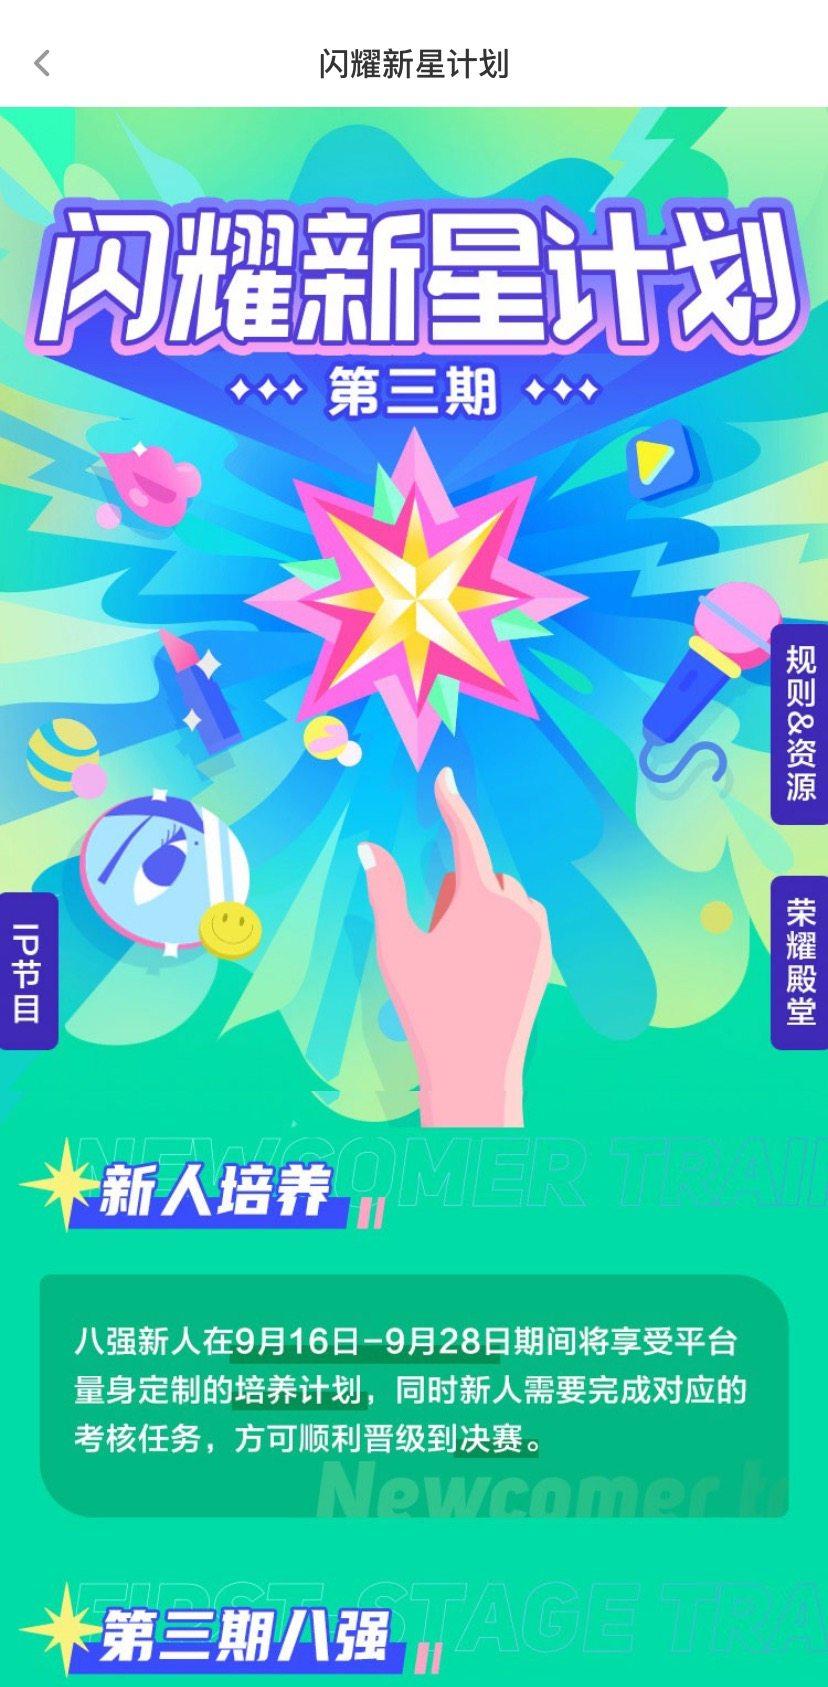 """硬核培训!花椒直播""""闪耀新星计划""""造网红升星之路"""